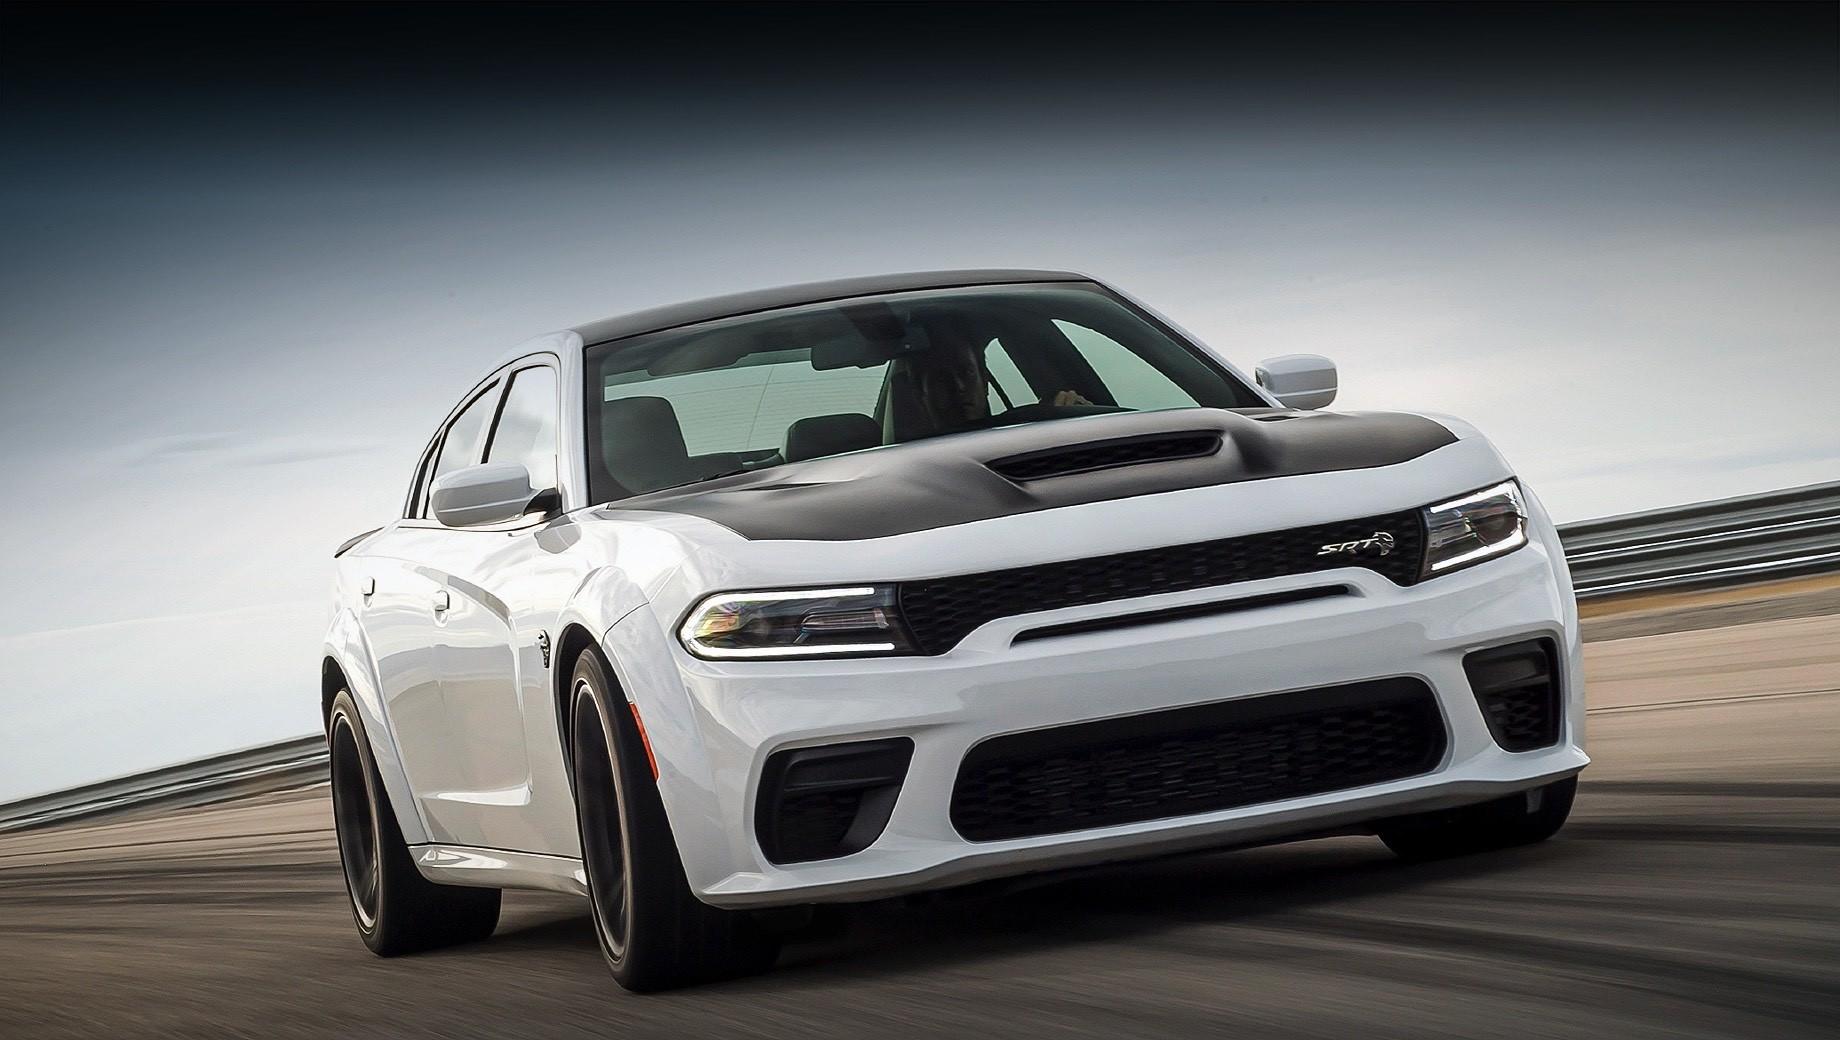 Dodge charger,Dodge charger srt hellcat,Dodge charger srt hellcat redeye. Седан Dodge Charger SRT Hellcat Redeye ускоряется с места до 97 км/ч за 3,5 с, а расстояние 402 м преодолевает за 10,6. Максимальная скорость достигает 326 км/ч.